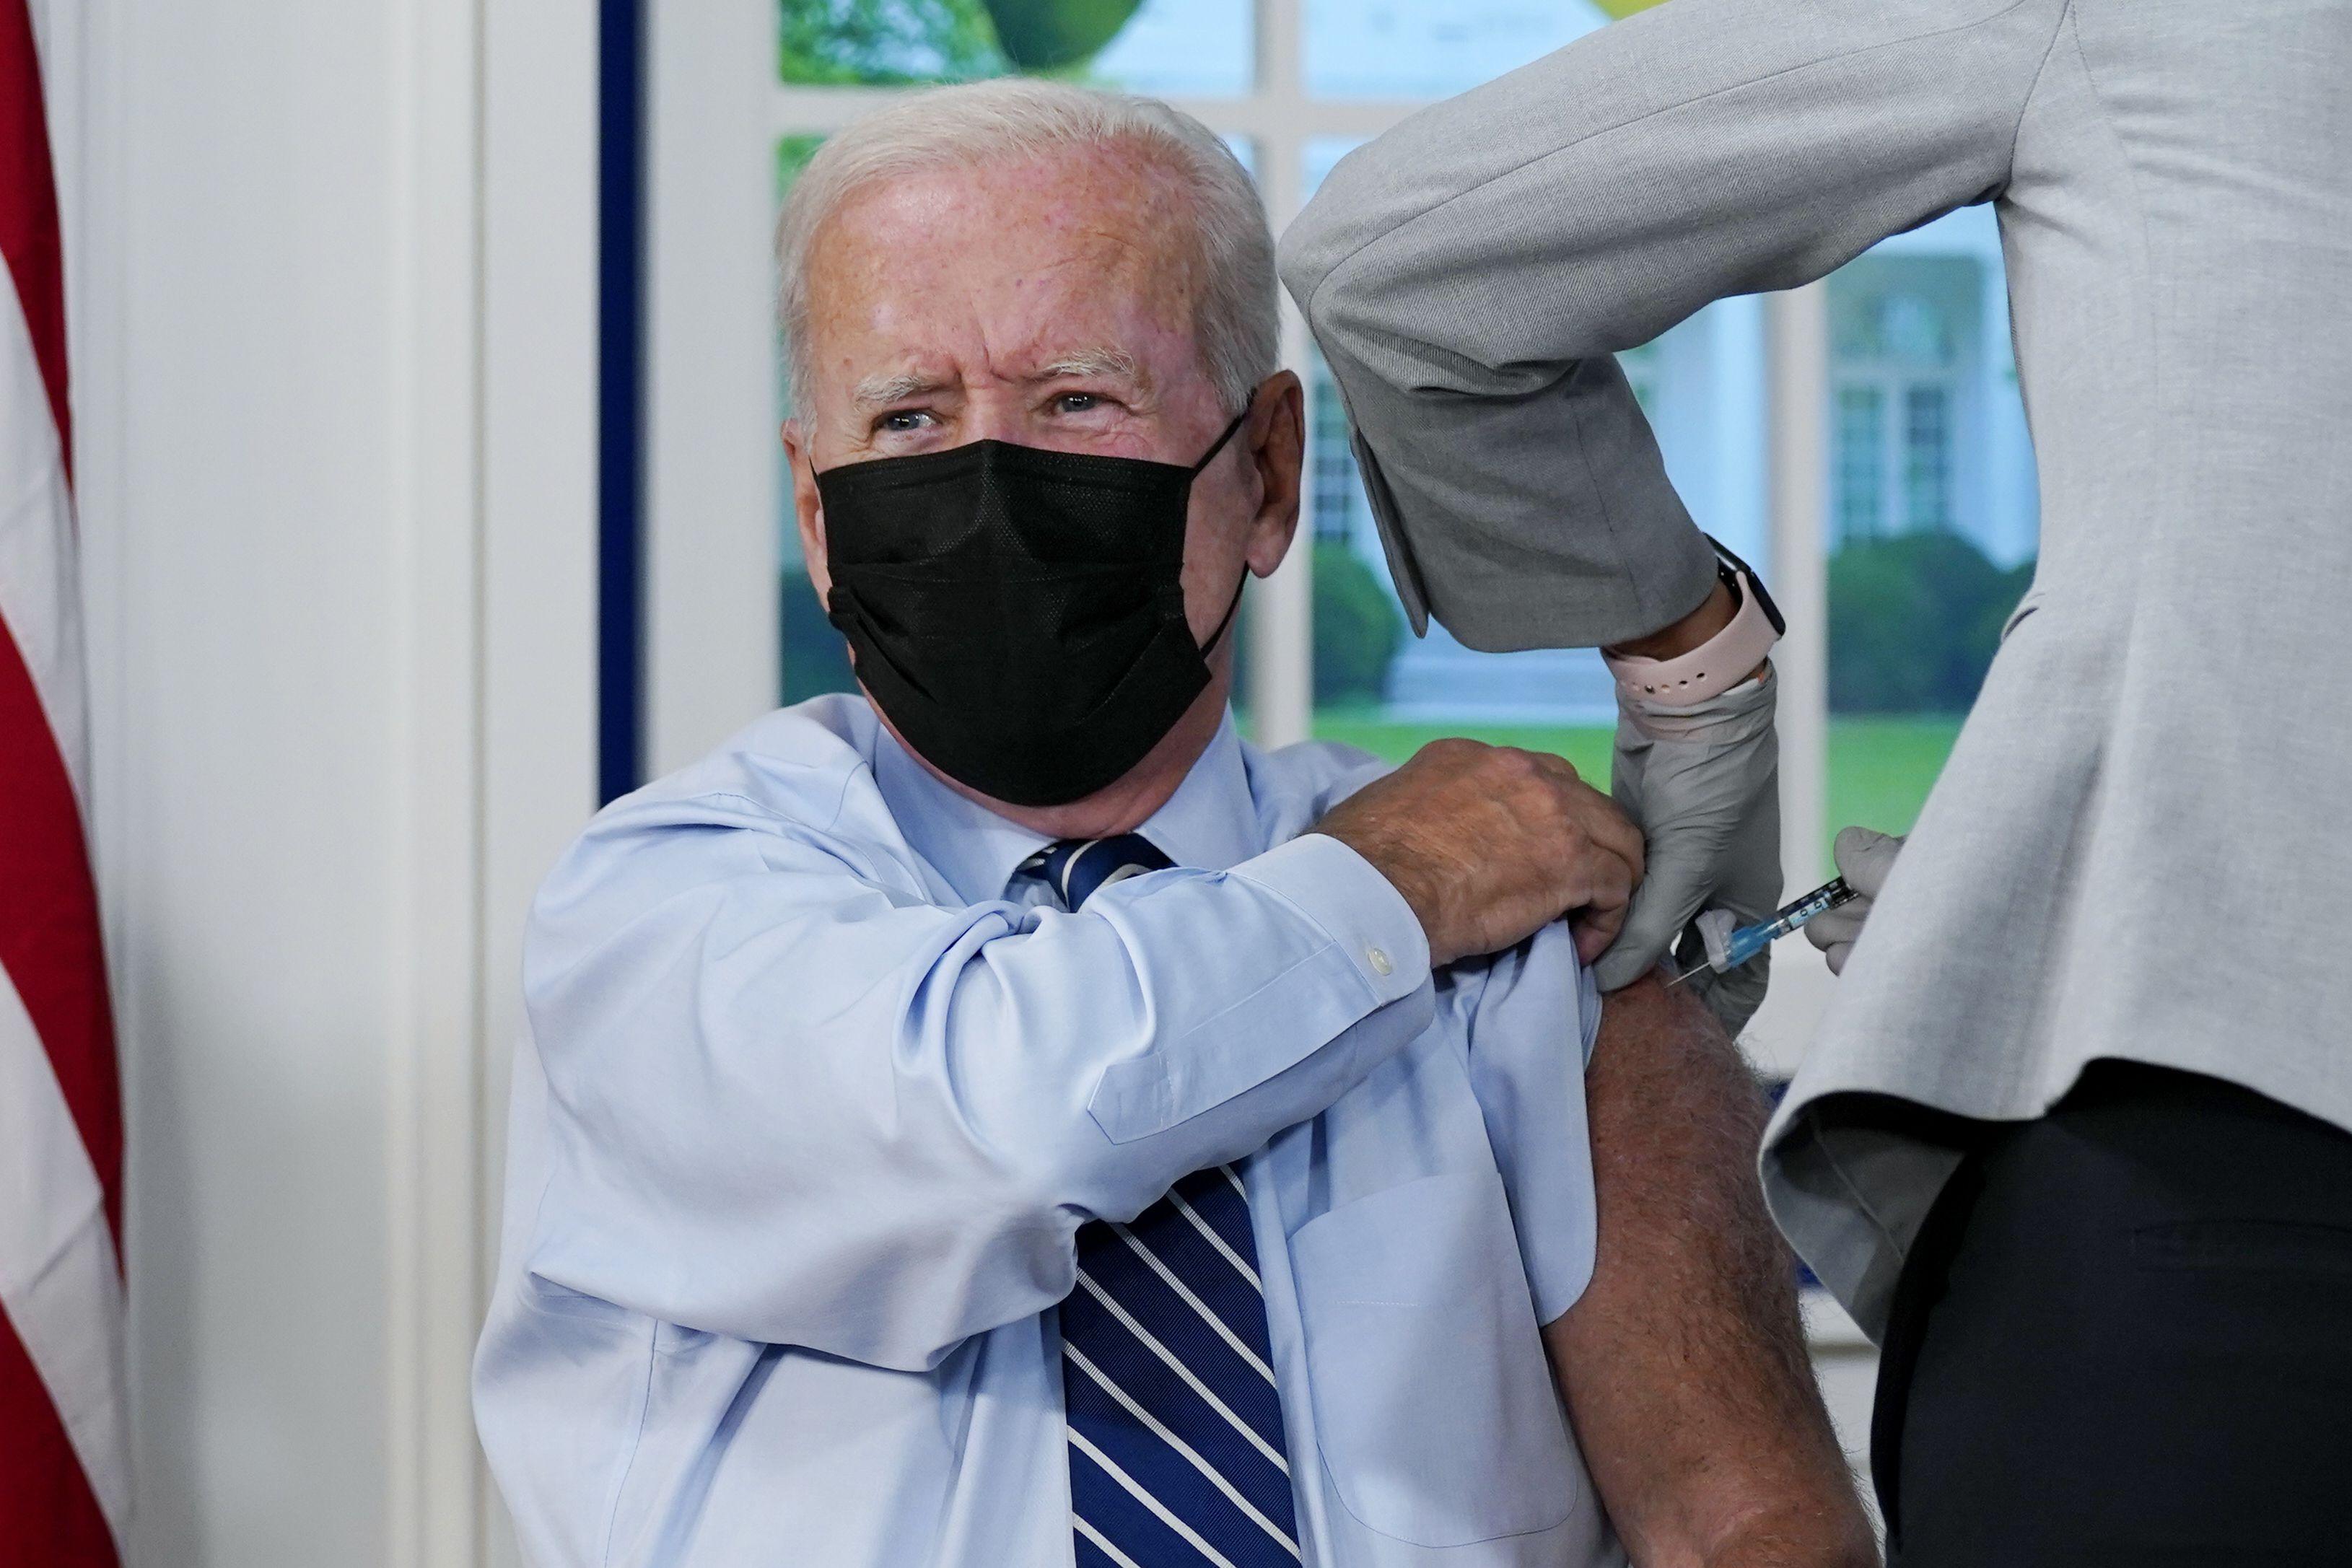 biden recibe su vacuna de refuerzo contra el covid-19